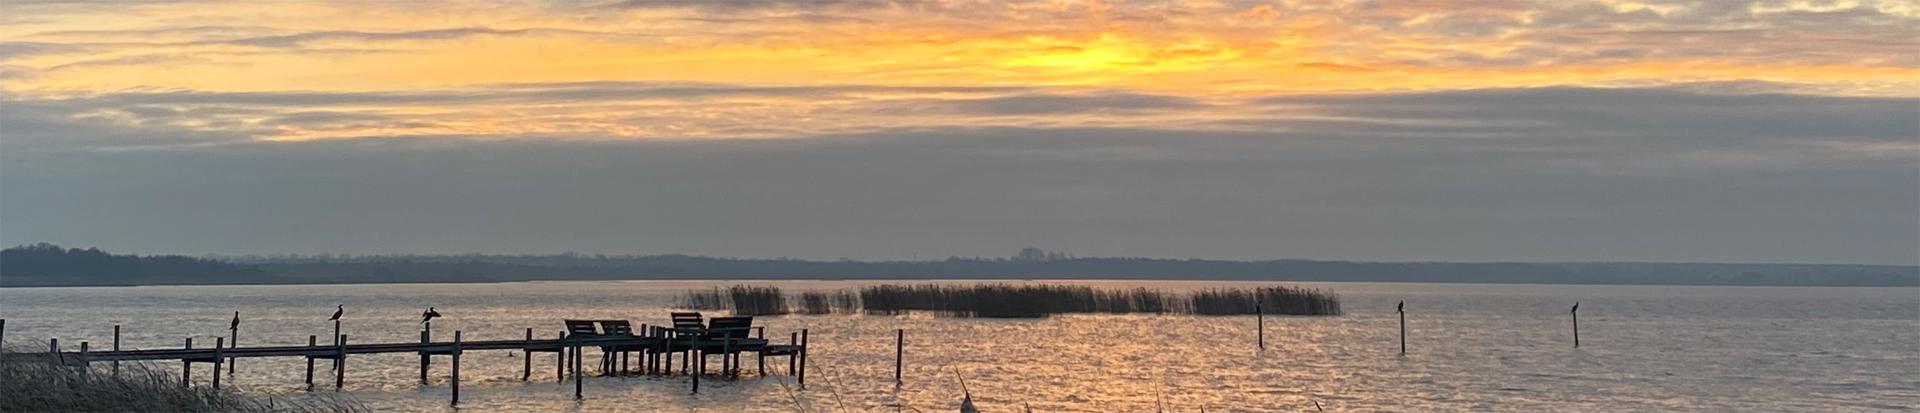 Sonnenaufgang am Meer 2021 Neujahr